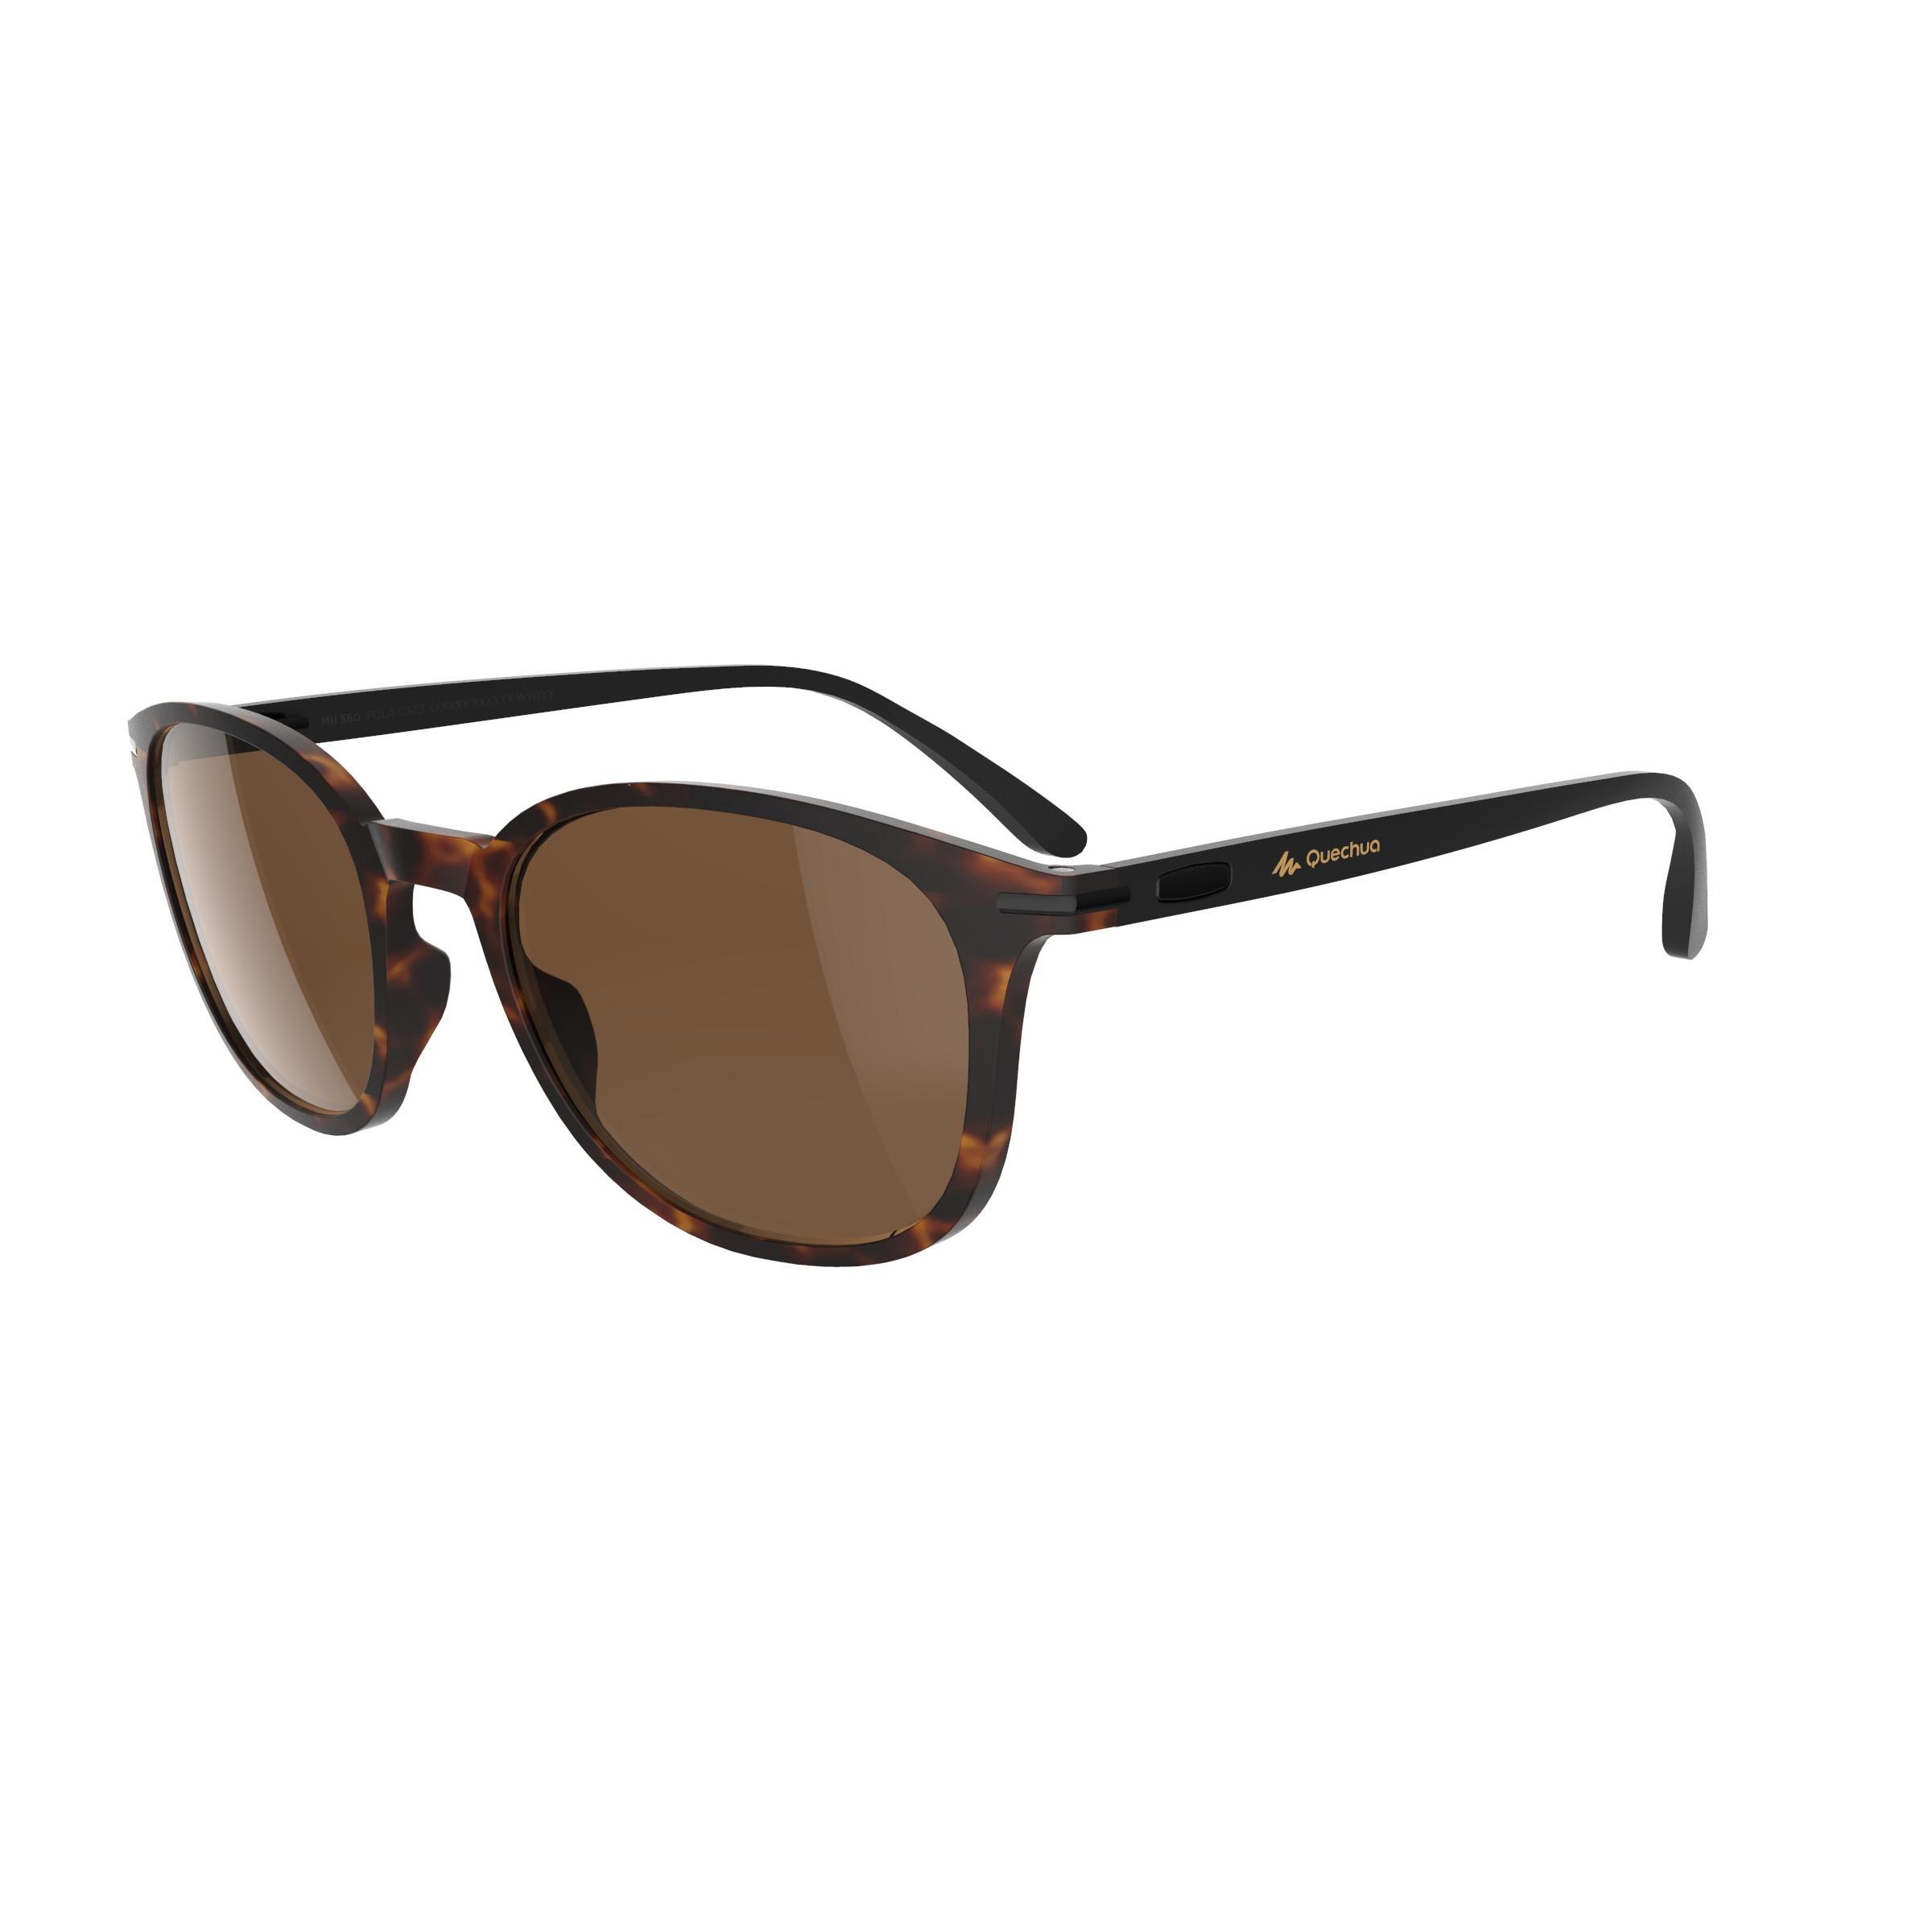 Sonnenbrille Wandern MH160 Kategorie 3 Erwachsene   Accessoires > Sonnenbrillen > Sonstige Sonnenbrillen   Quechua